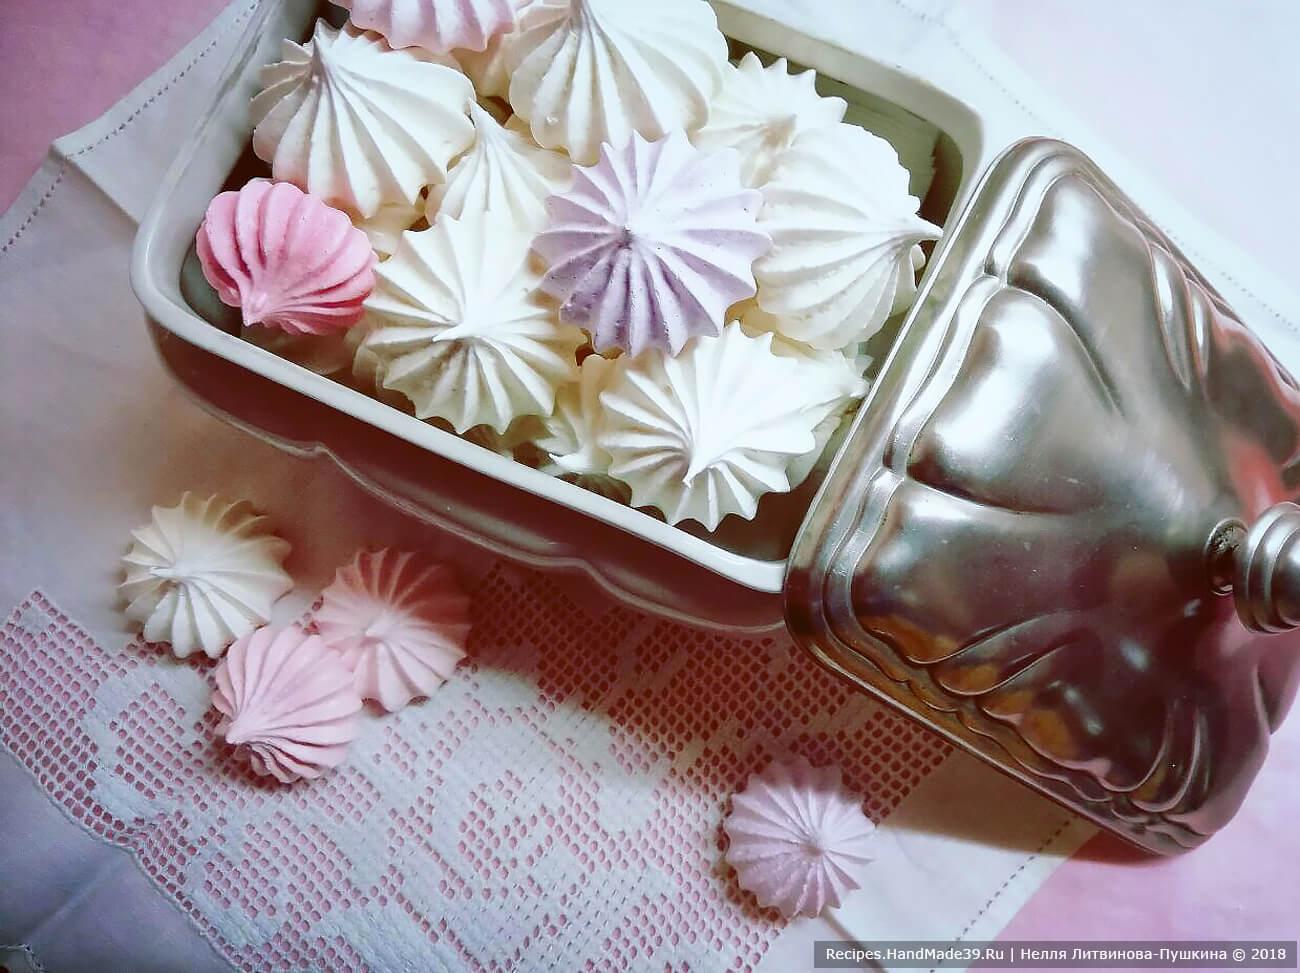 Французское безе – фото шаг 4. Хранить безе в закрытой посуде без холодильника. Подаём безе к чаю или кофе. Также безешки можно использовать для оформления тортов и пирожных